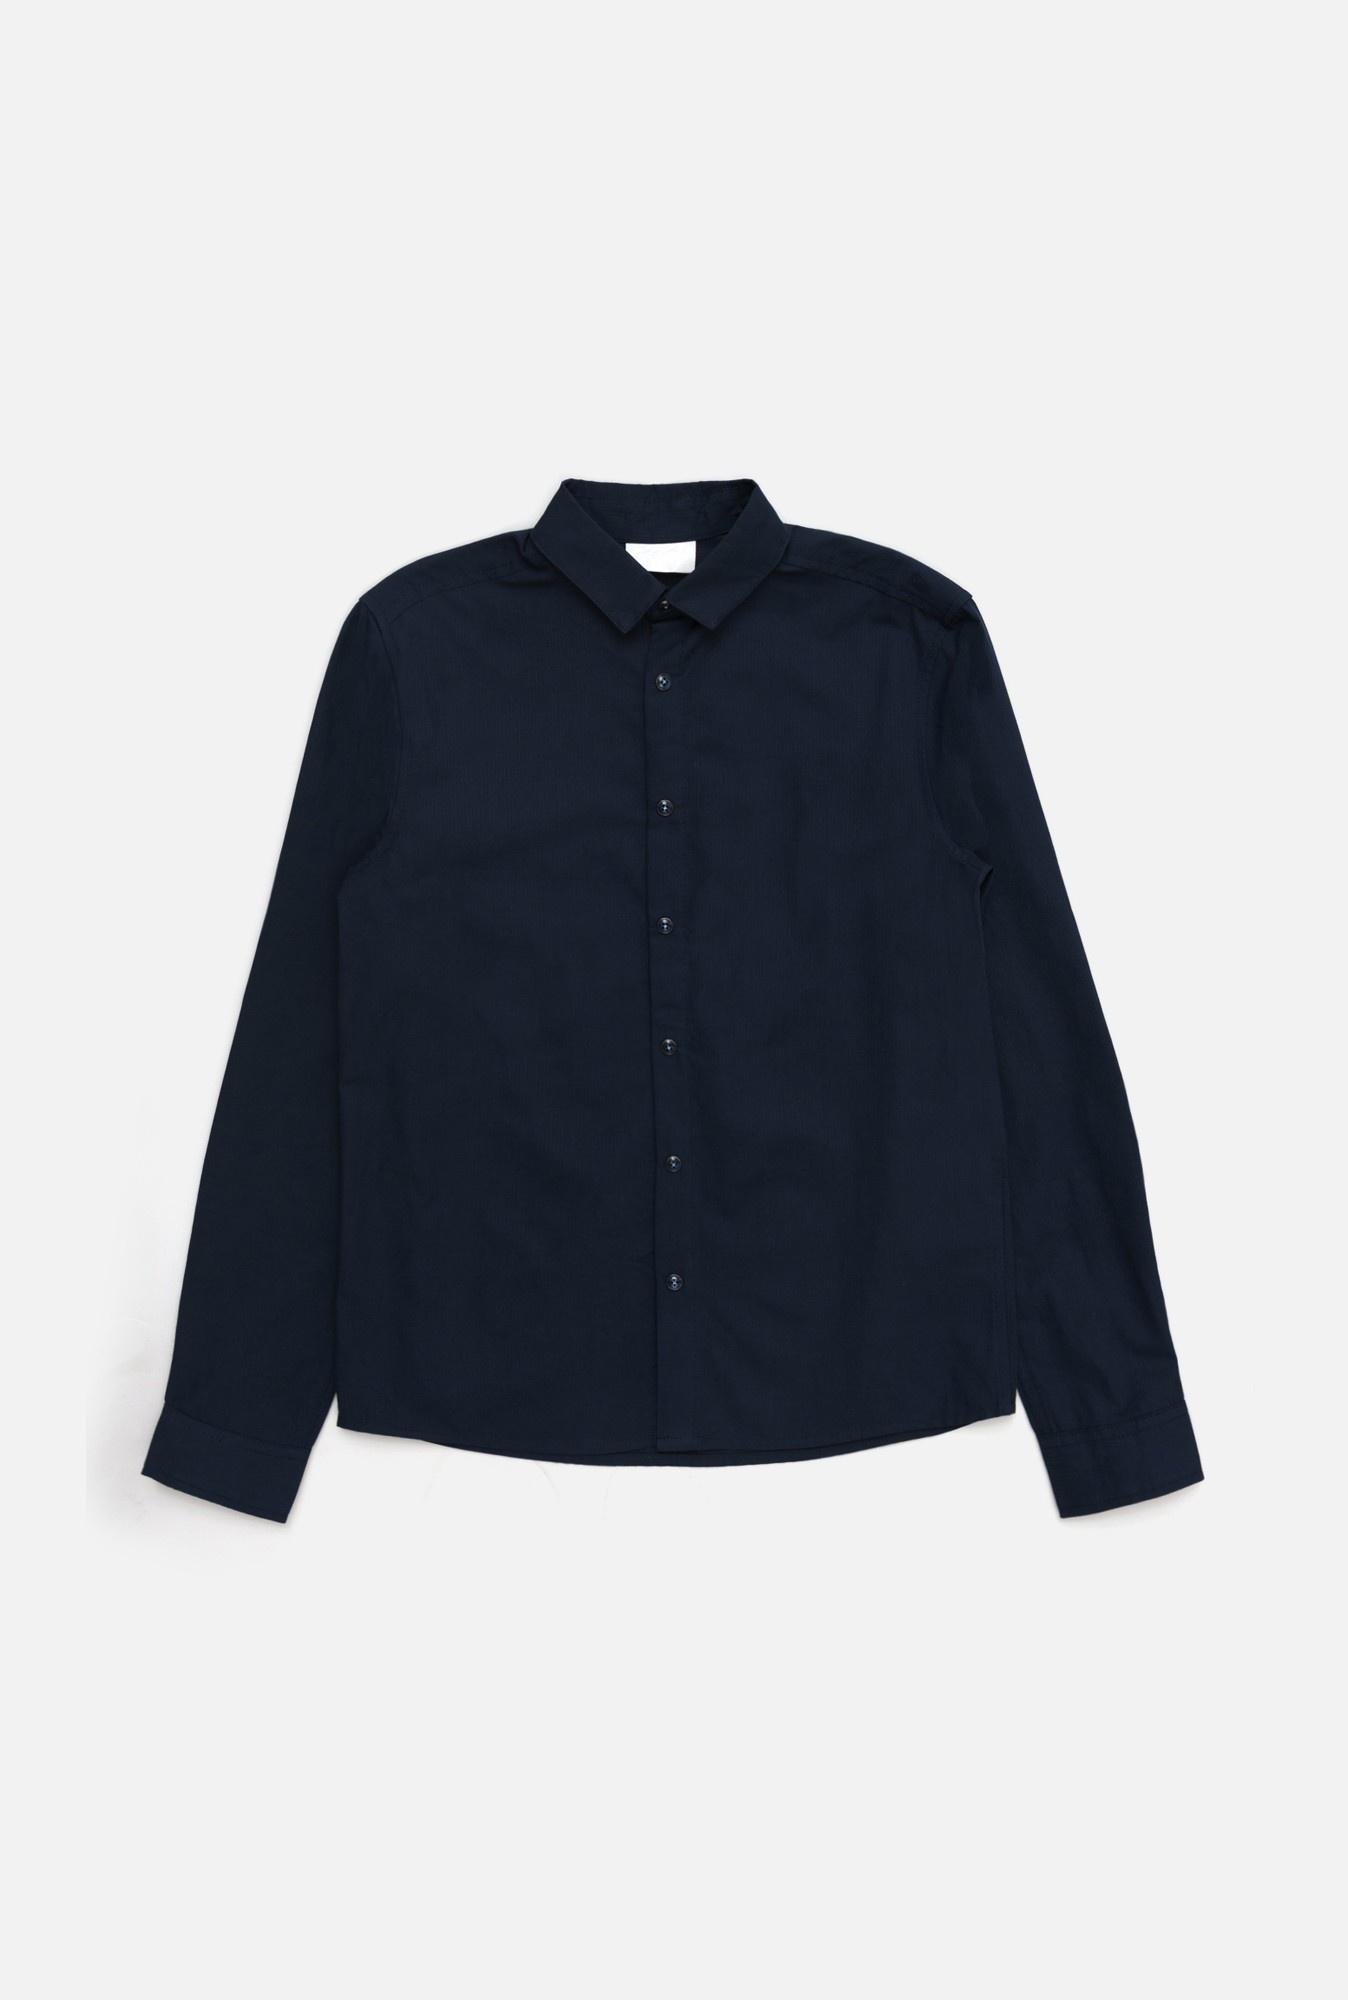 Рубашка Concept Club недорго, оригинальная цена